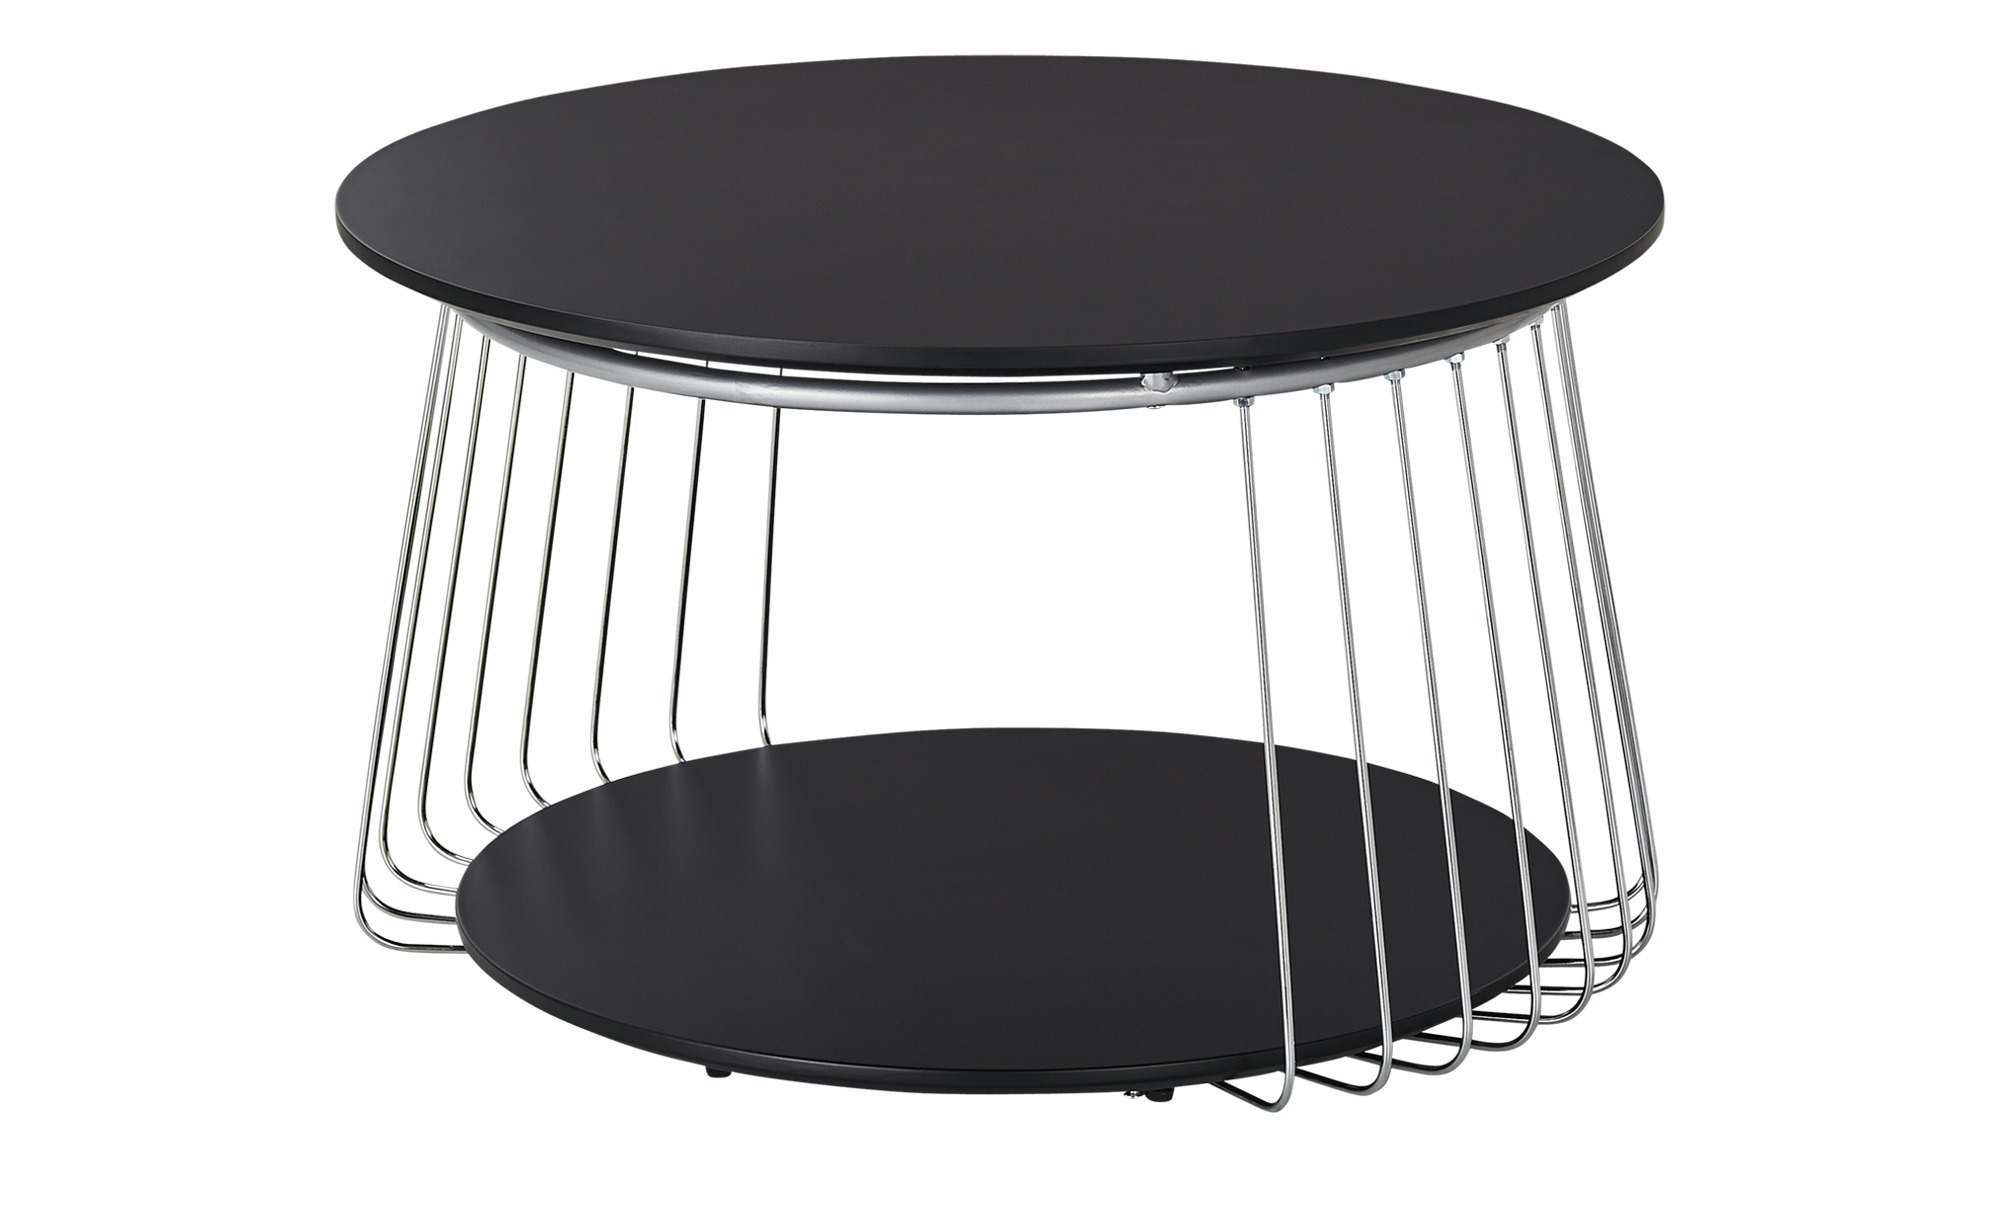 Couchtisch  Litwa ¦ Maße (cm): H: 42 Ø: 70 Tische > Couchtische > Couchtische rund - Höffner